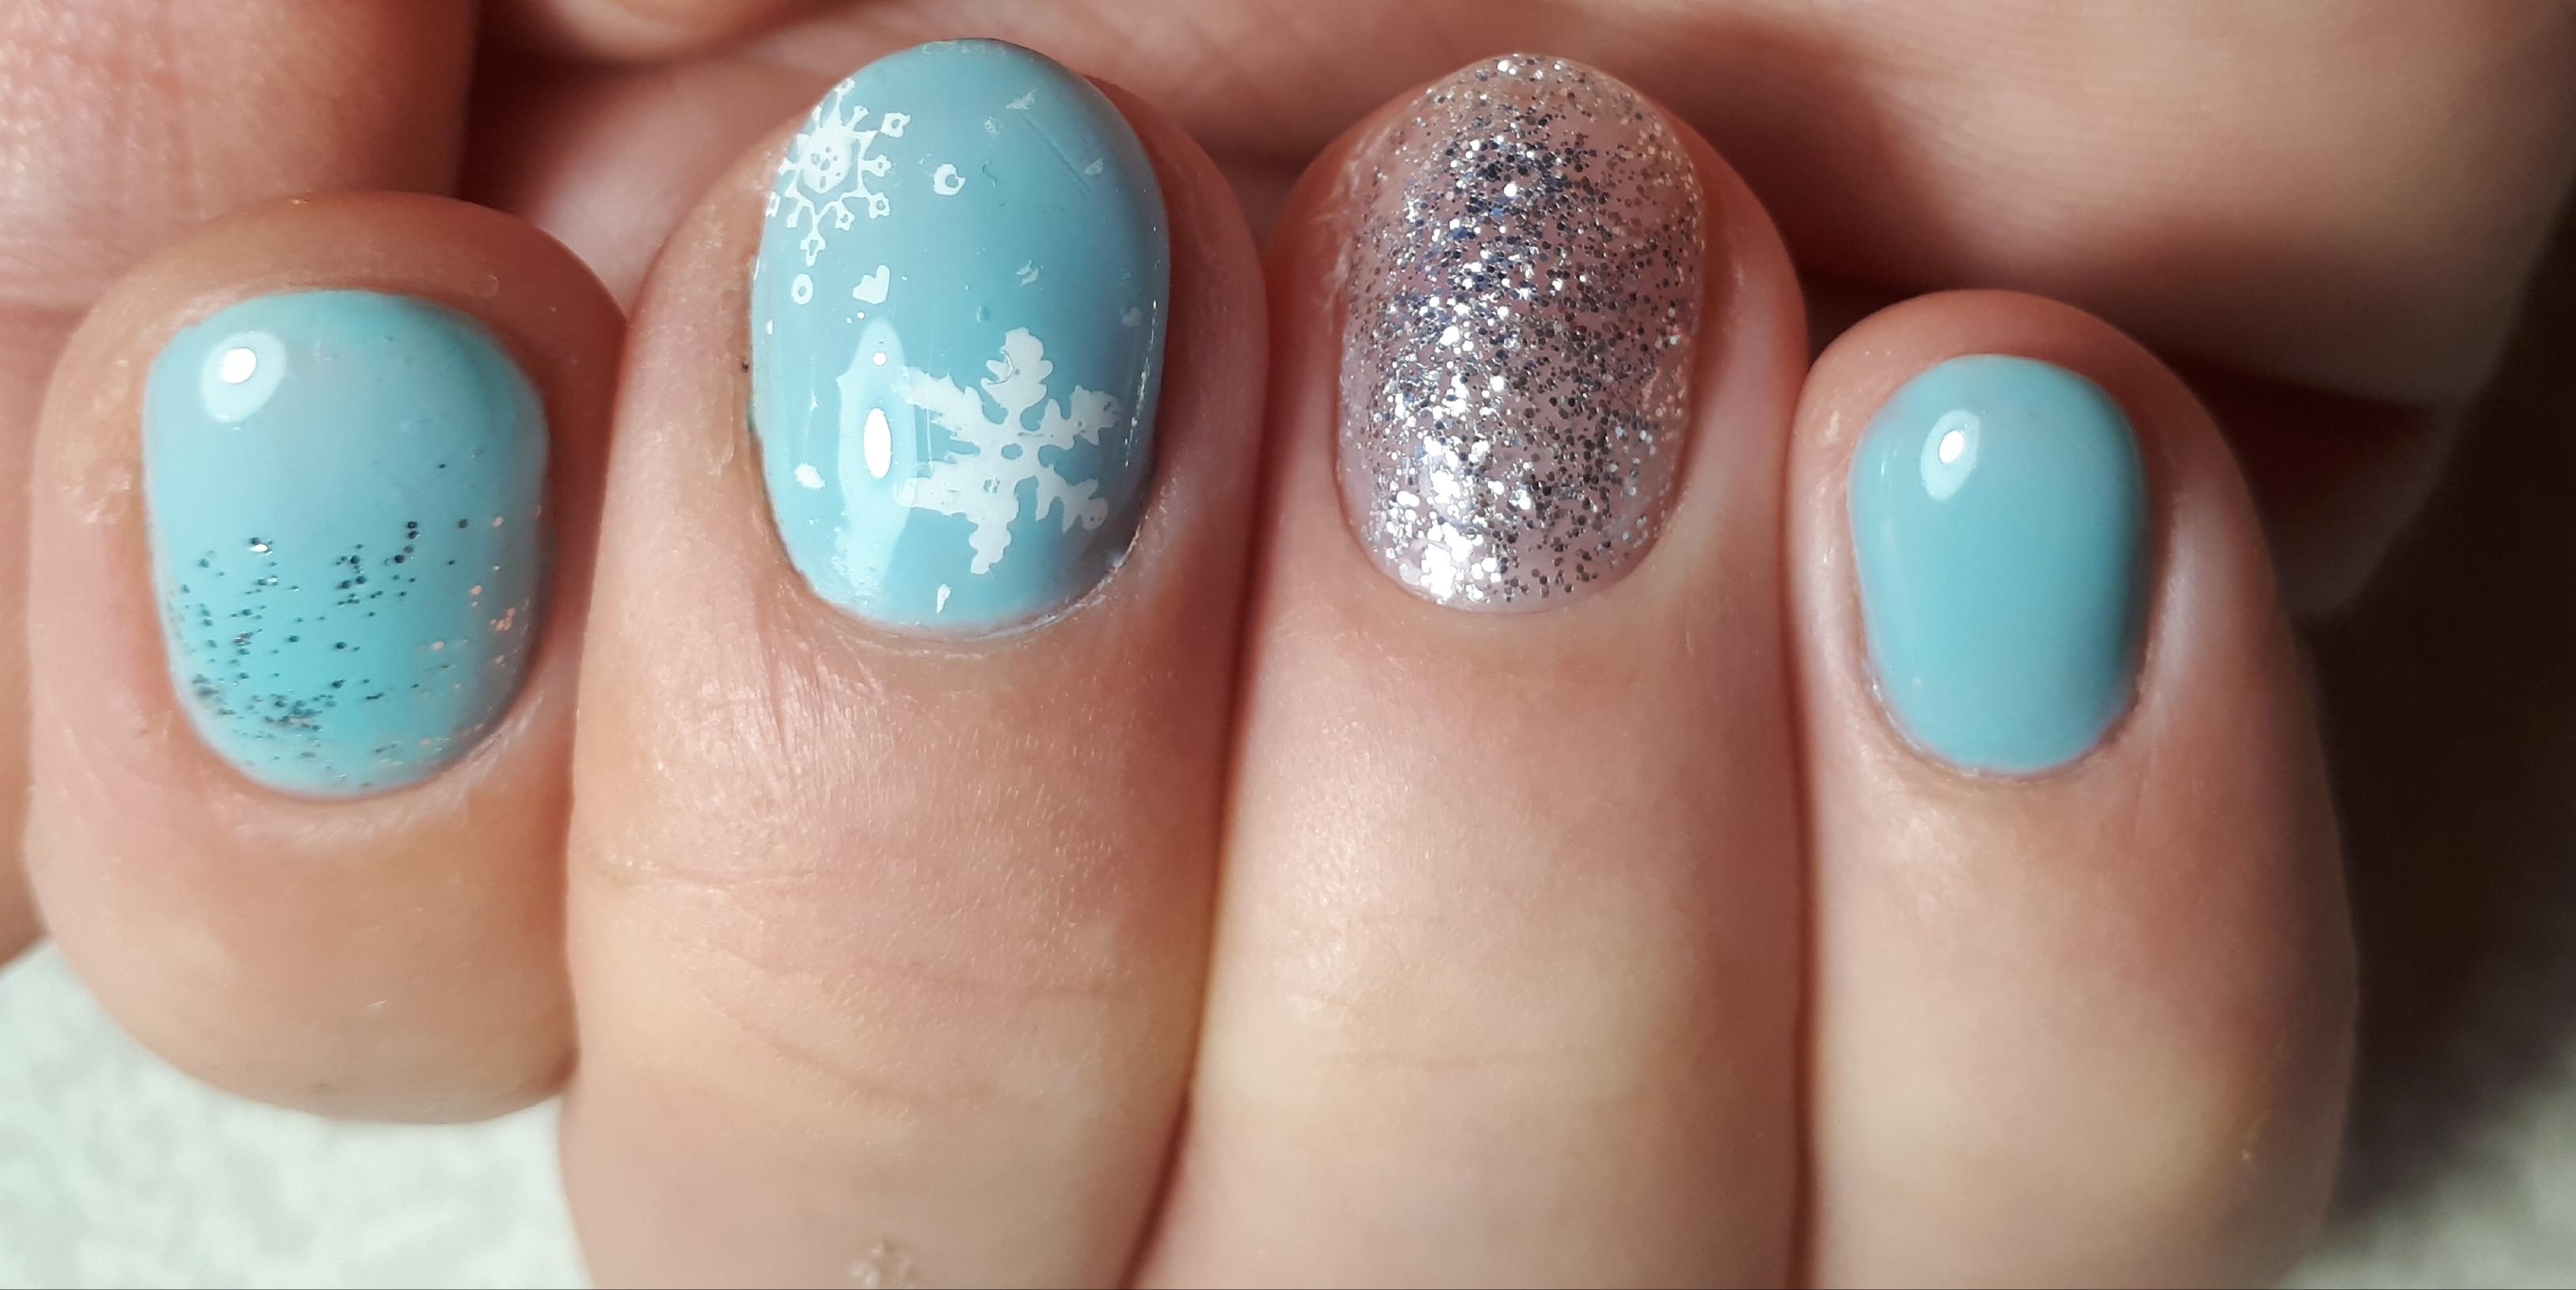 Маникюр самой себе. Маникюр в голубом цвете и серебристым , степинг снежинки.